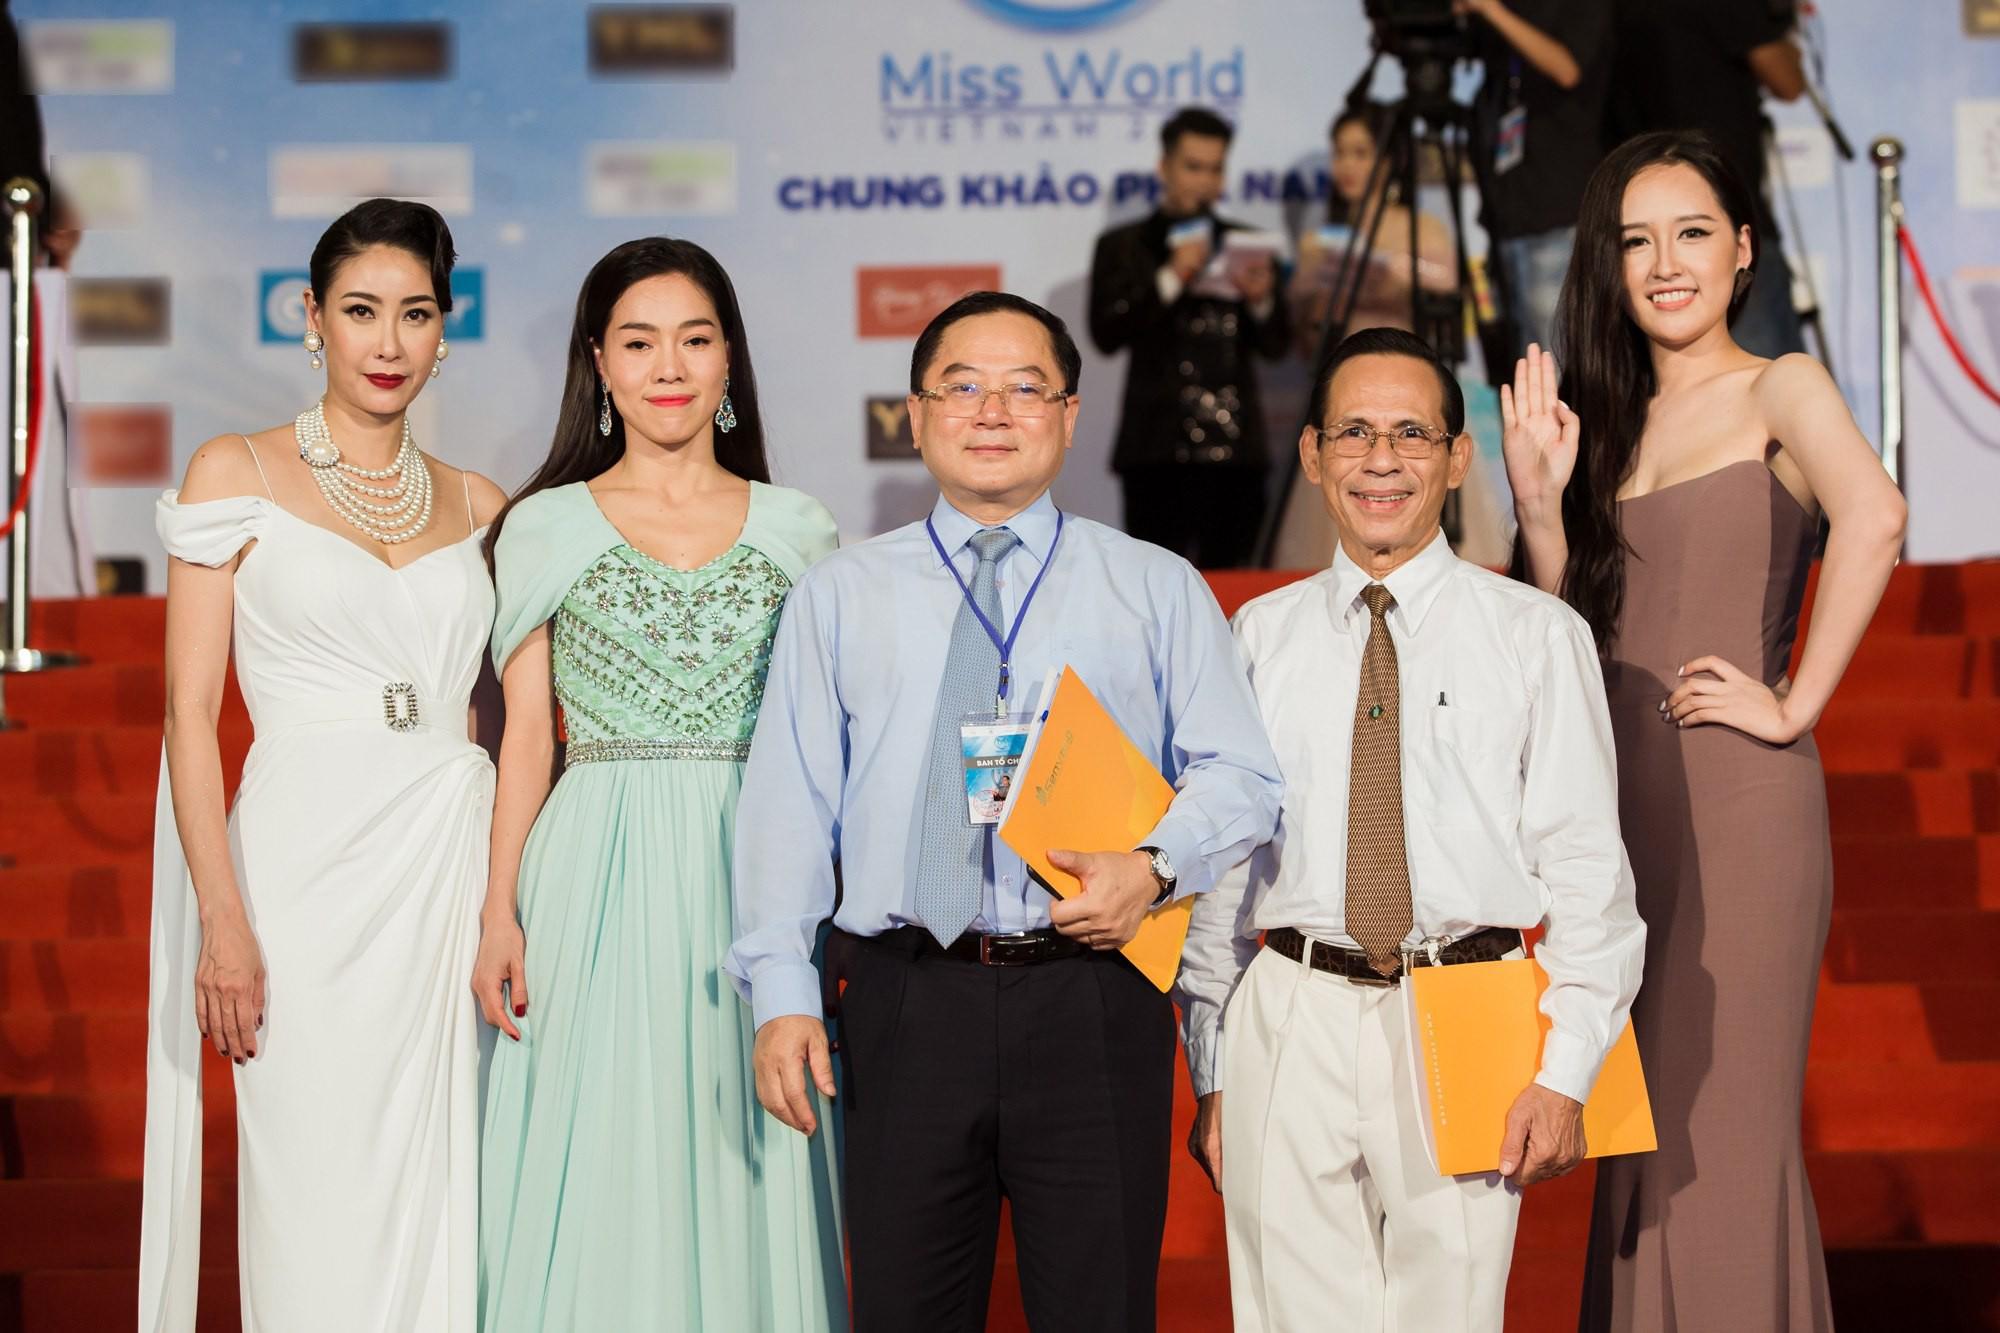 Thảm đỏ Miss World: Mai Phương Thúy, Nam Em khoe thành tích giảm cân, hội Hoa hậu chặt chém bất phân thắng bại - Ảnh 10.